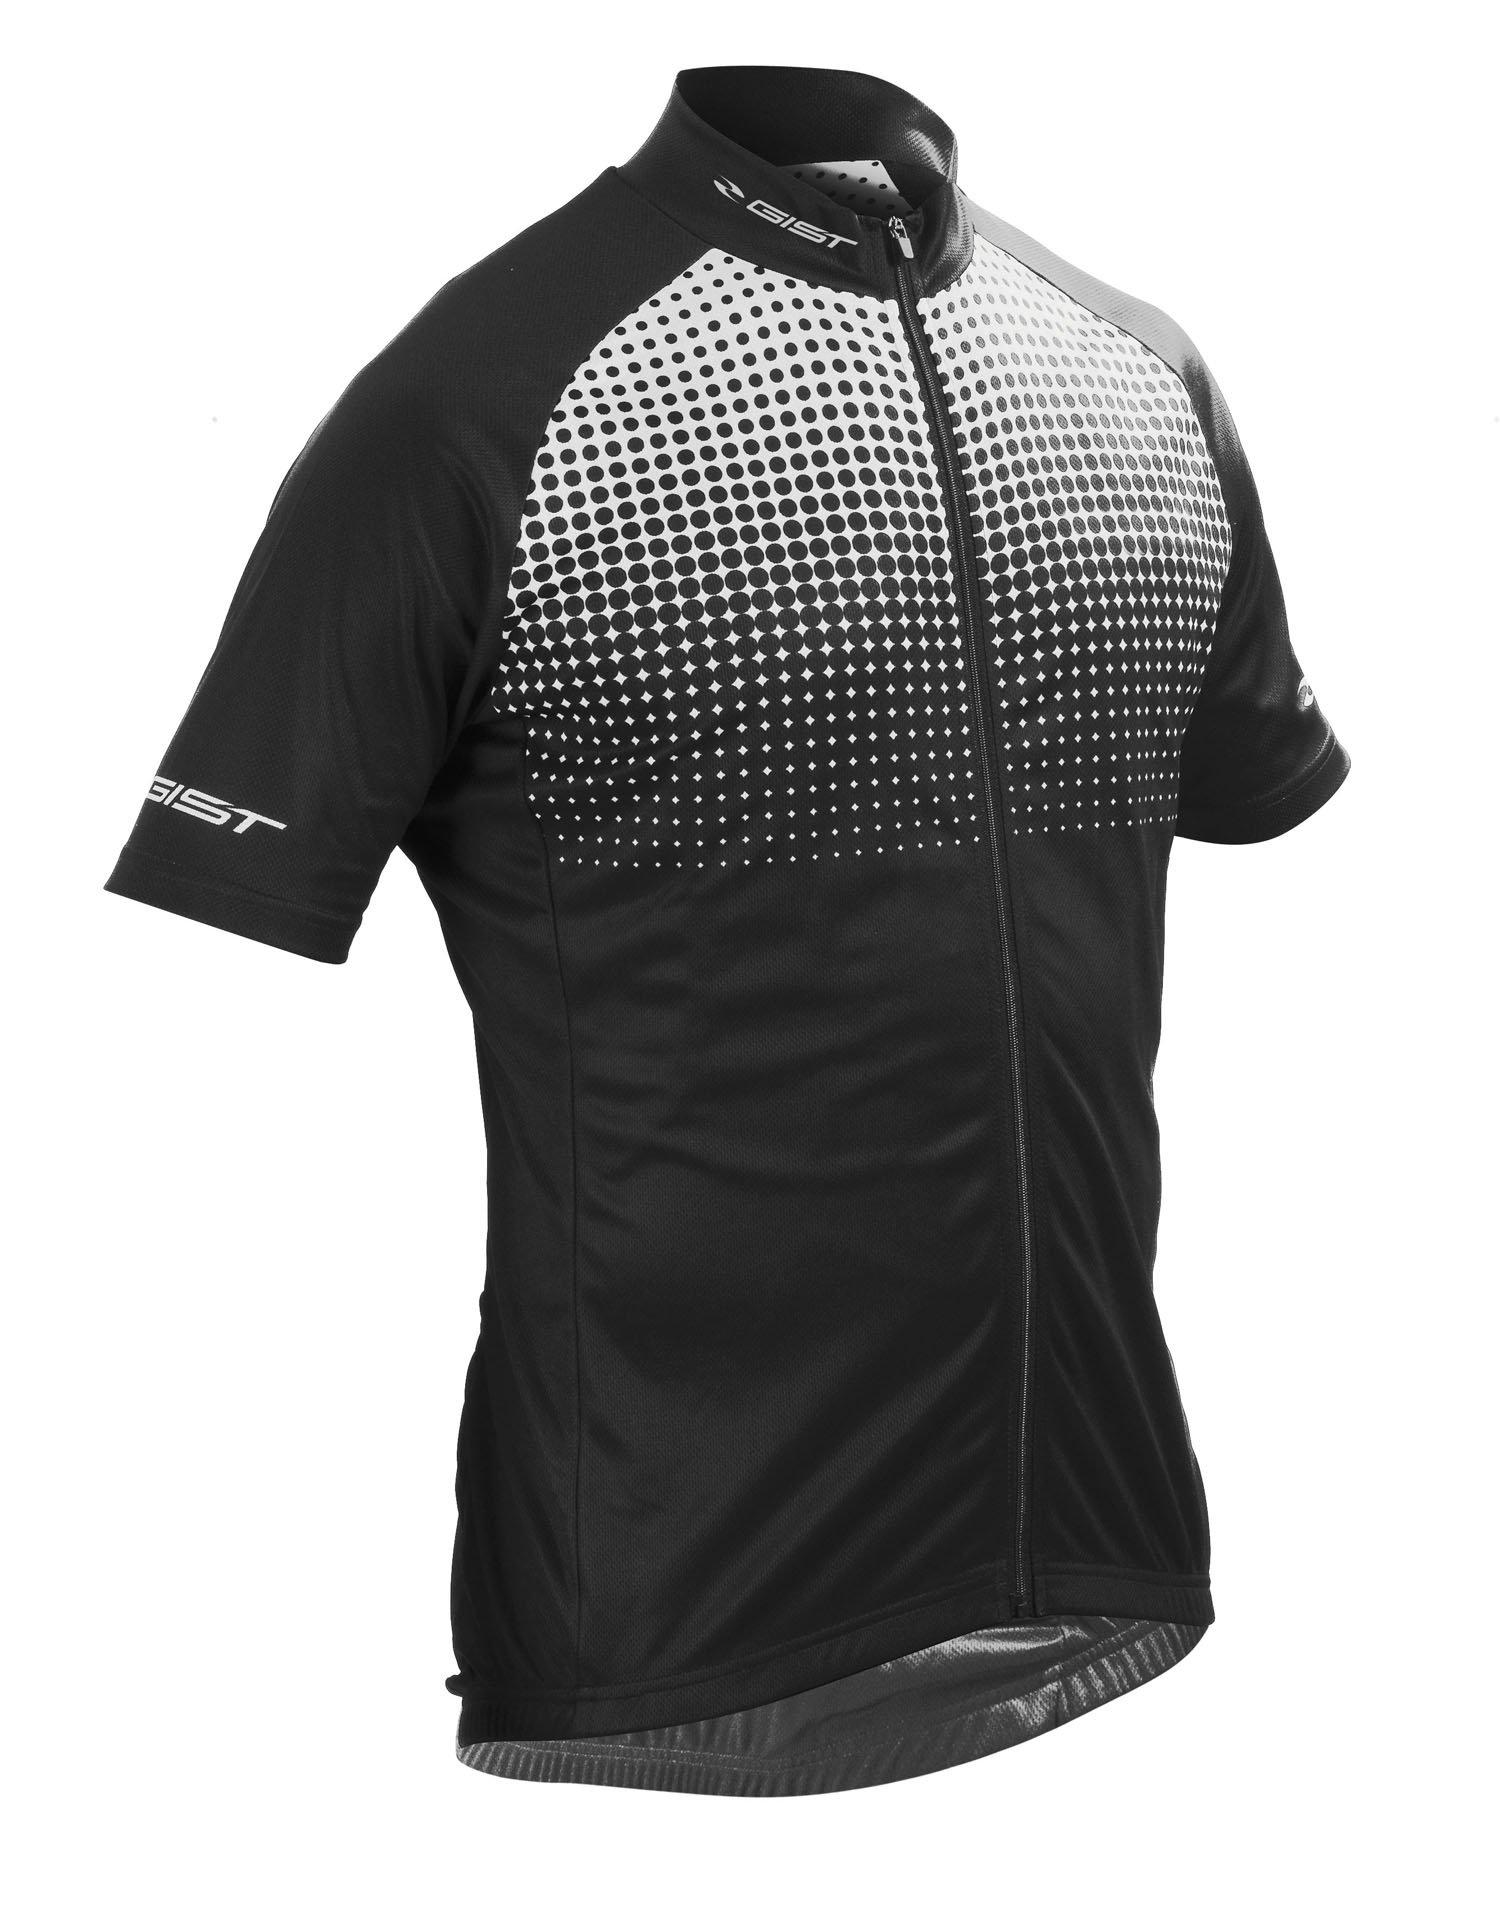 Gist Flame jersey cykeltrøje i sort og hvid | Trøjer